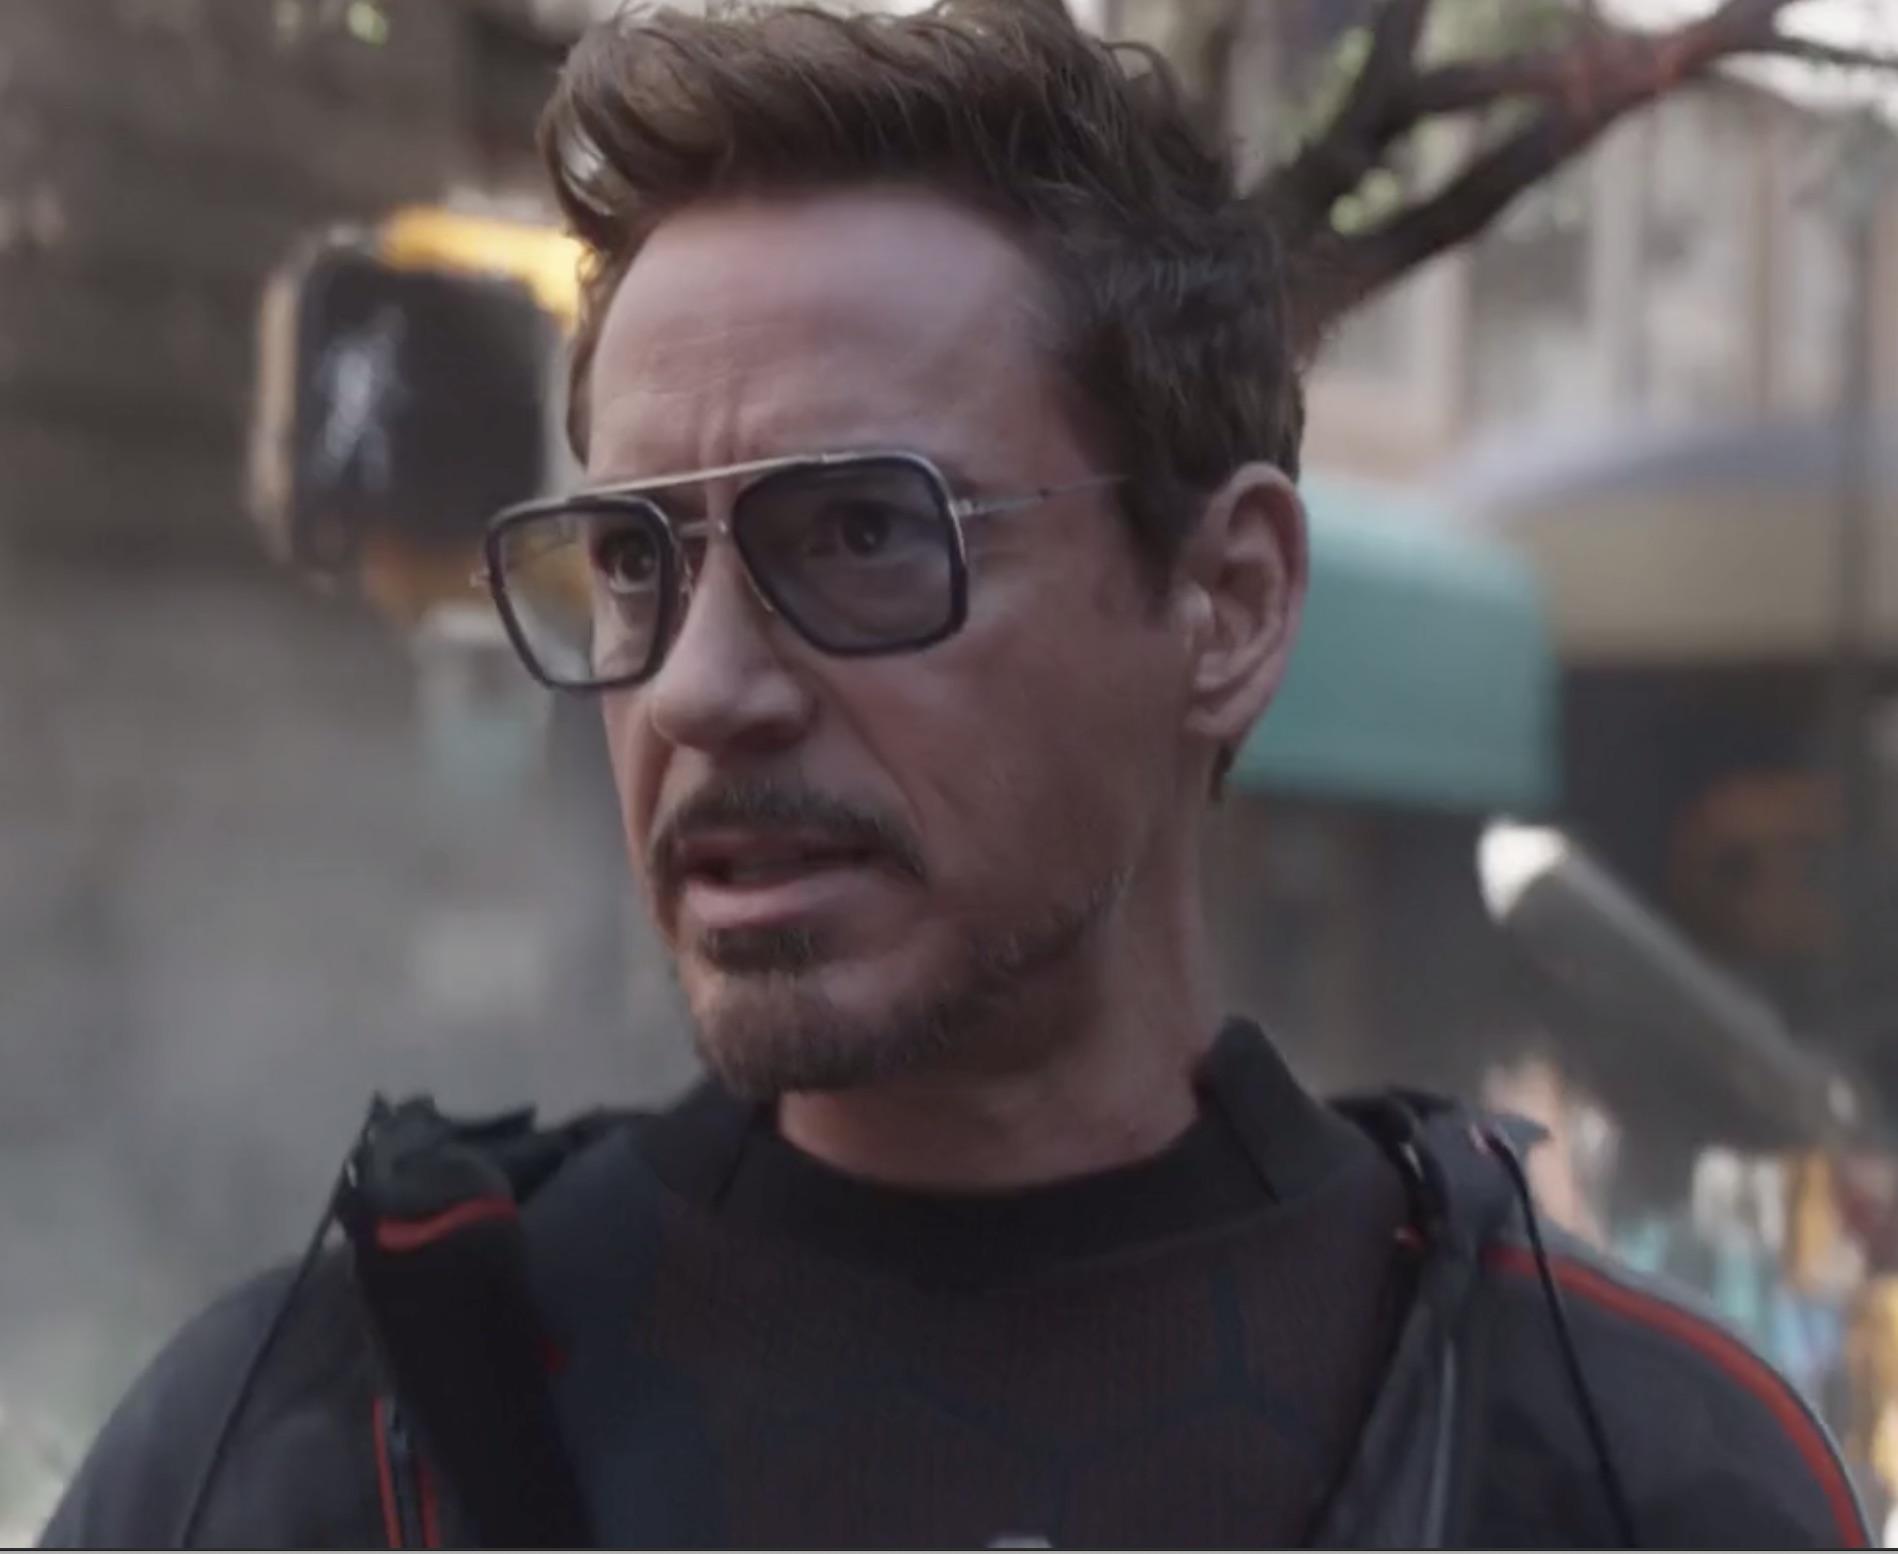 Tony Stark's Sunglasses